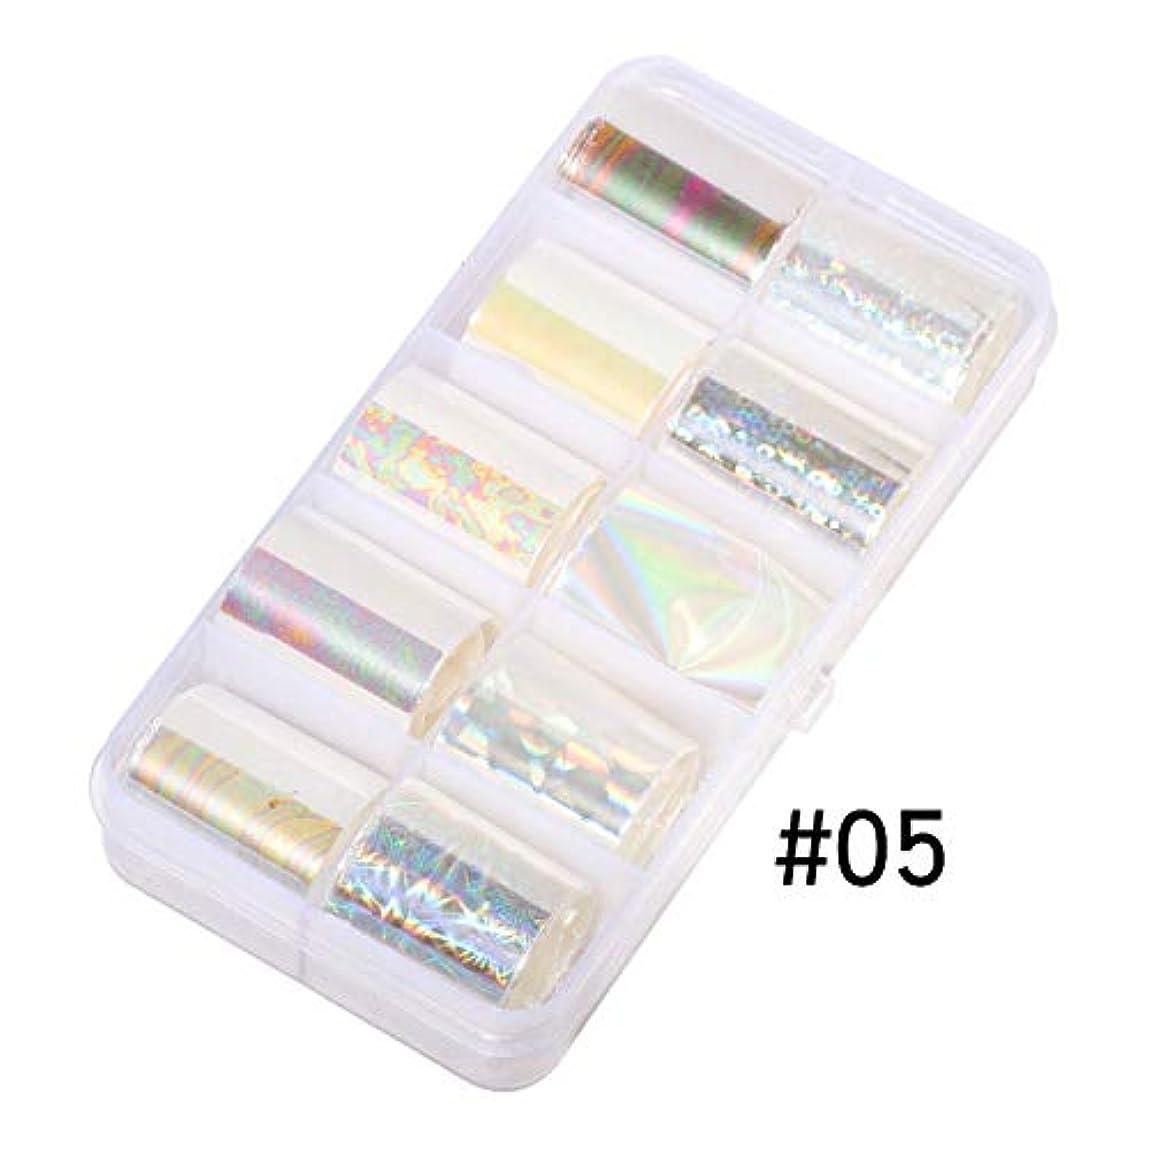 商品彼道路を作るプロセスOSOGODE(オソグド) ネイルホイルシール ネイルステッカー 貝殻シール 貝殻柄ネイルホイル箔 10色セット セロファン DIYネイルチップデコレーション (W5)